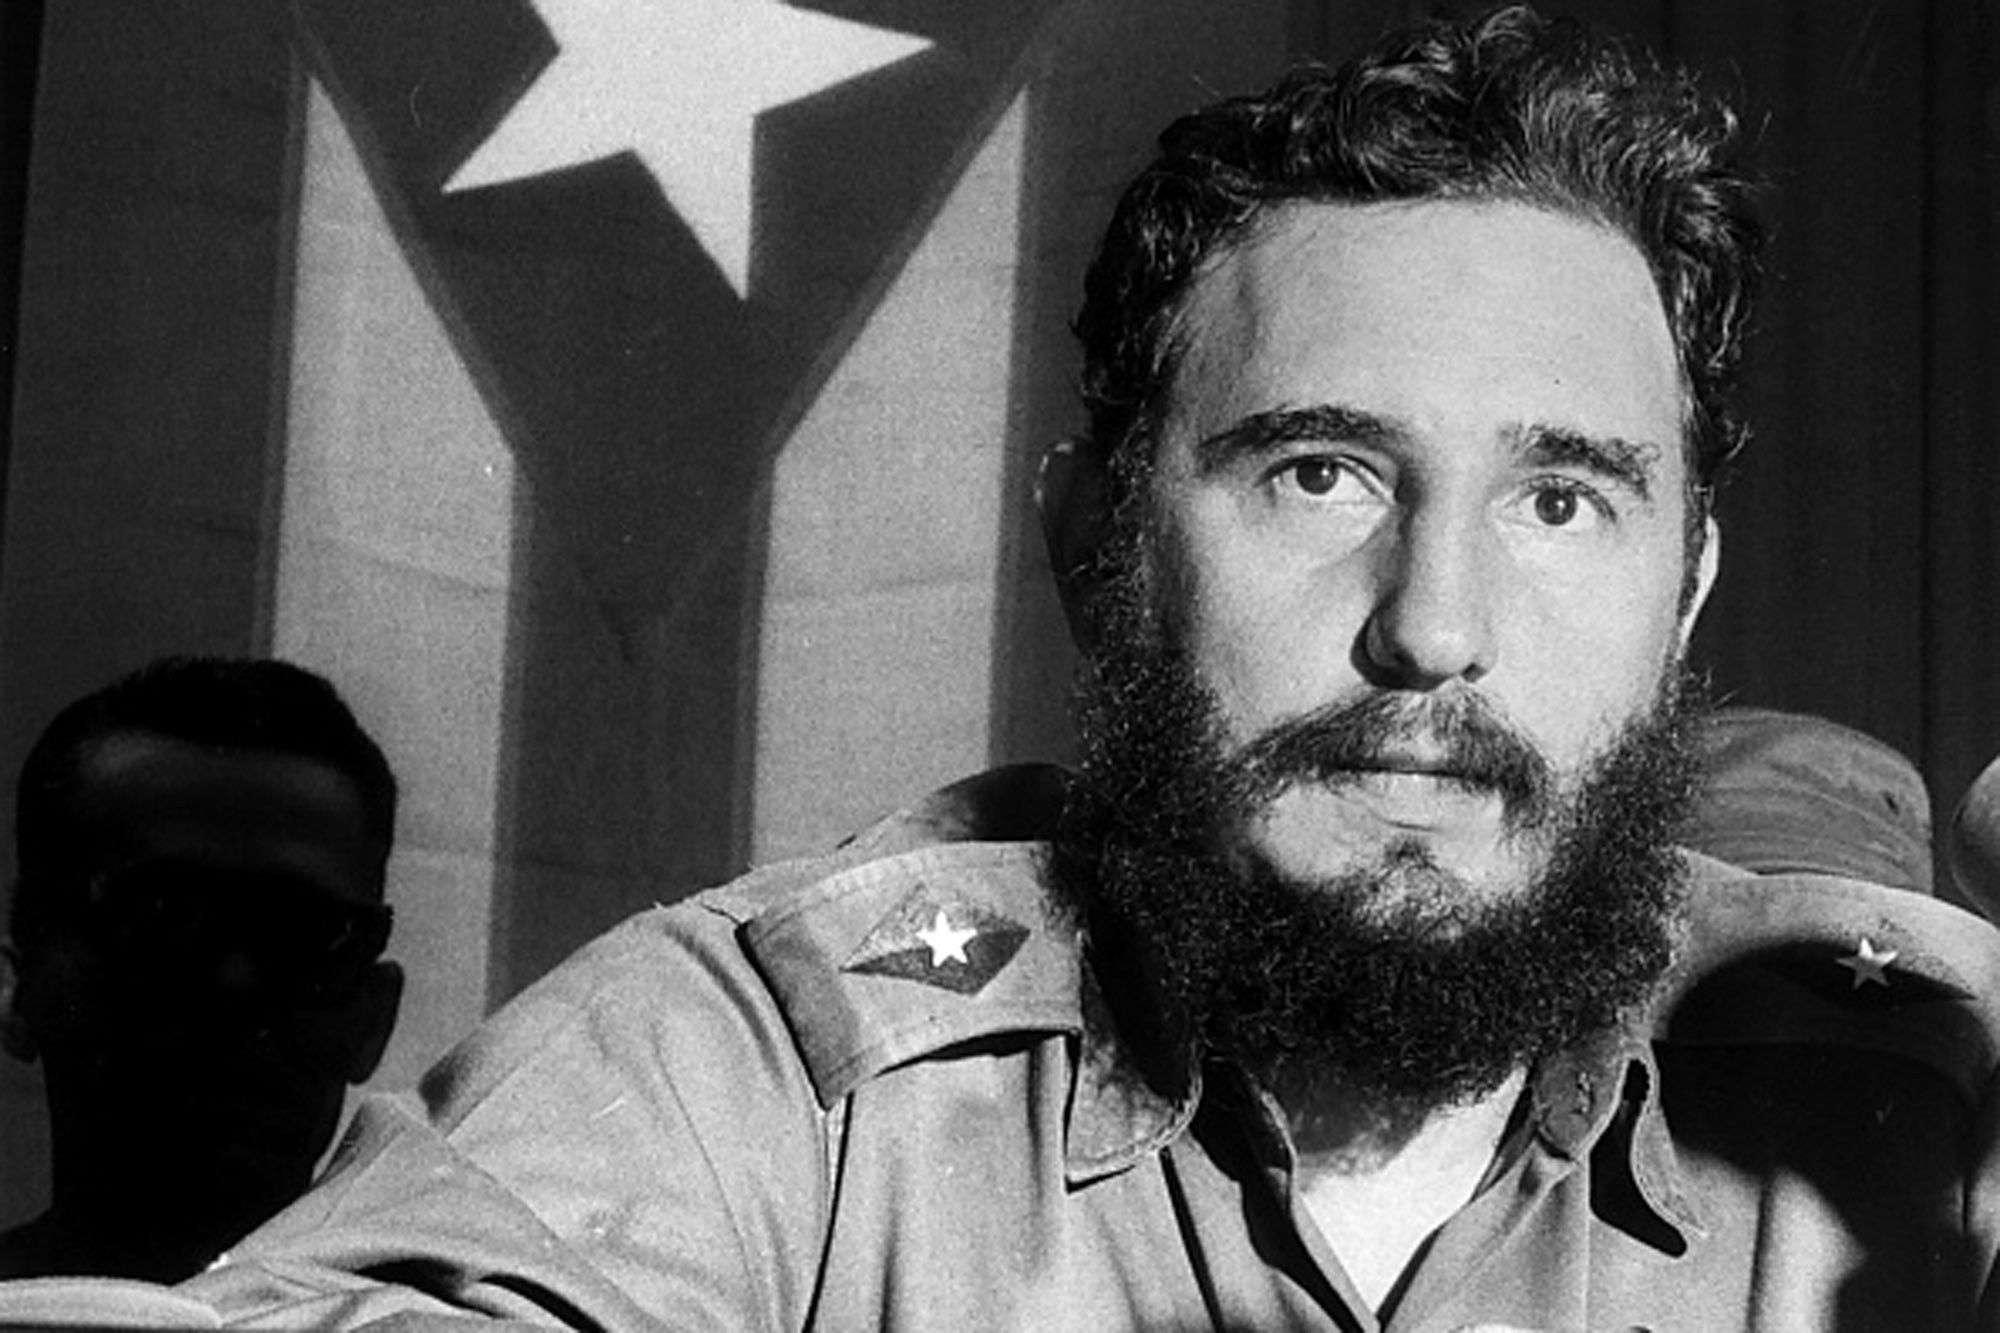 El fallecido expresidente Fidel Castro, tras el triunfo de la Revolución Cubana. Foto. Archivo.